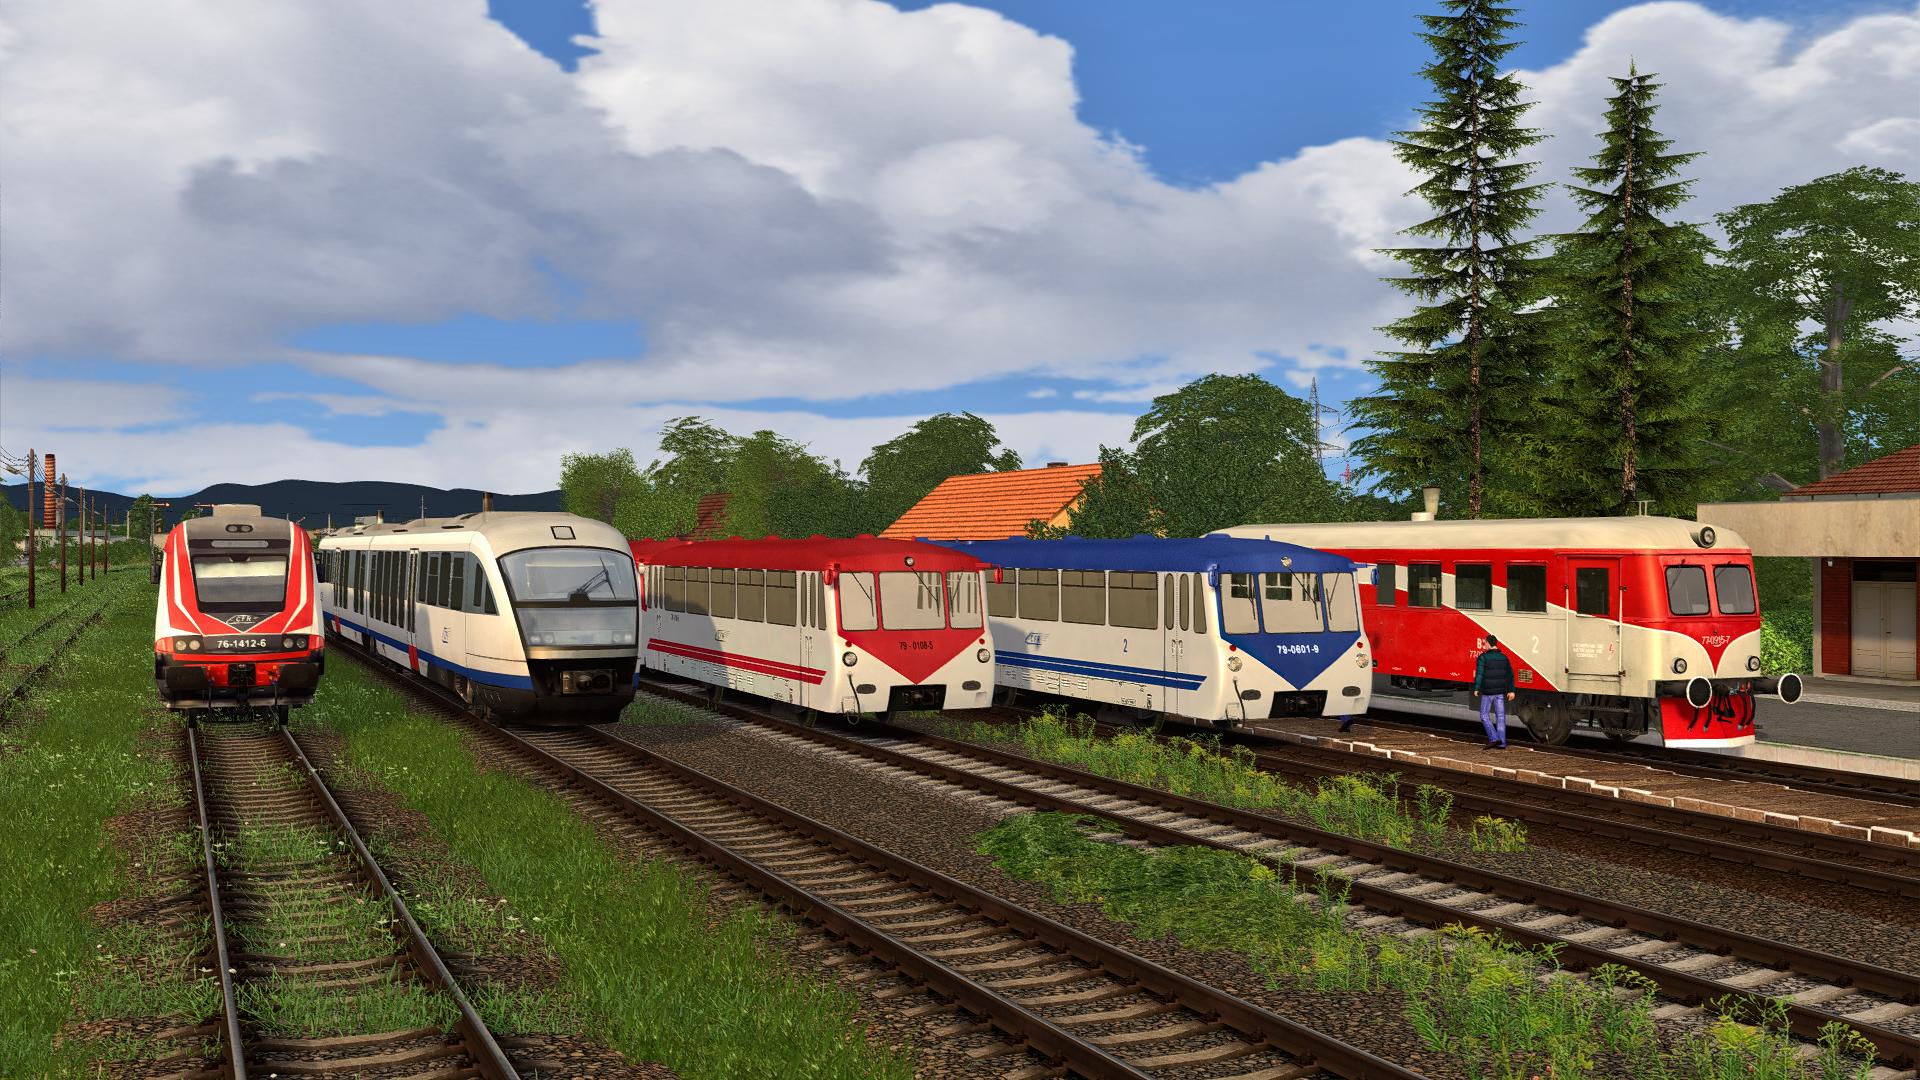 RailWorks64 2021-04-27 19-45-18